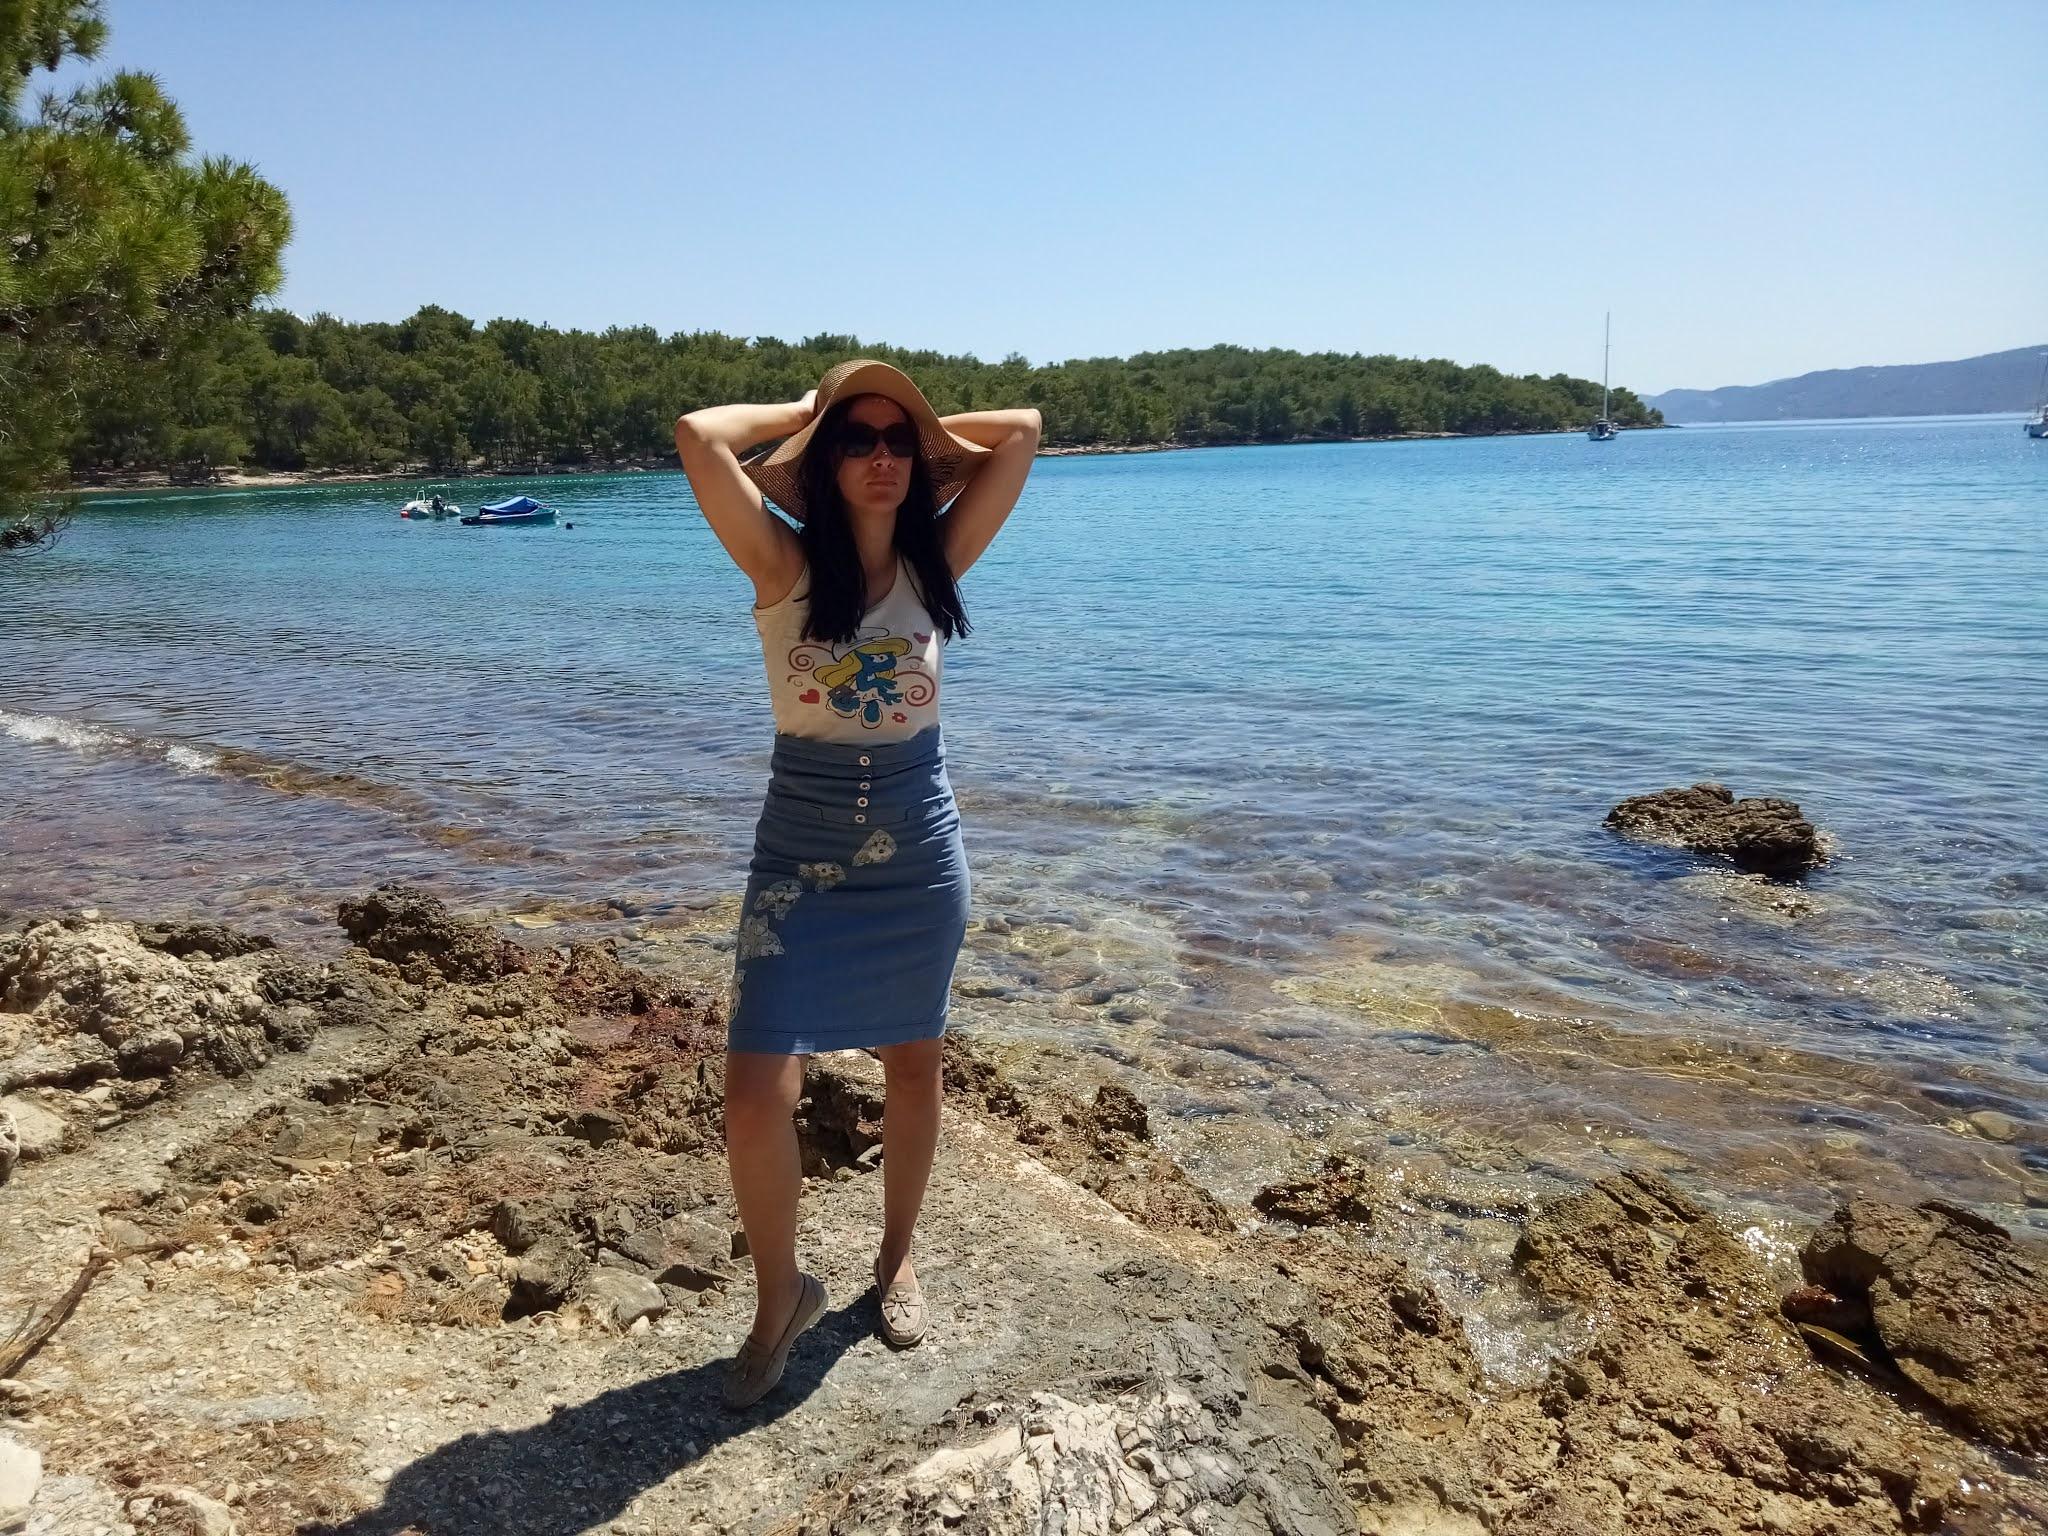 #modaodaradosti #vrboska #hvar #croatia #summer2020